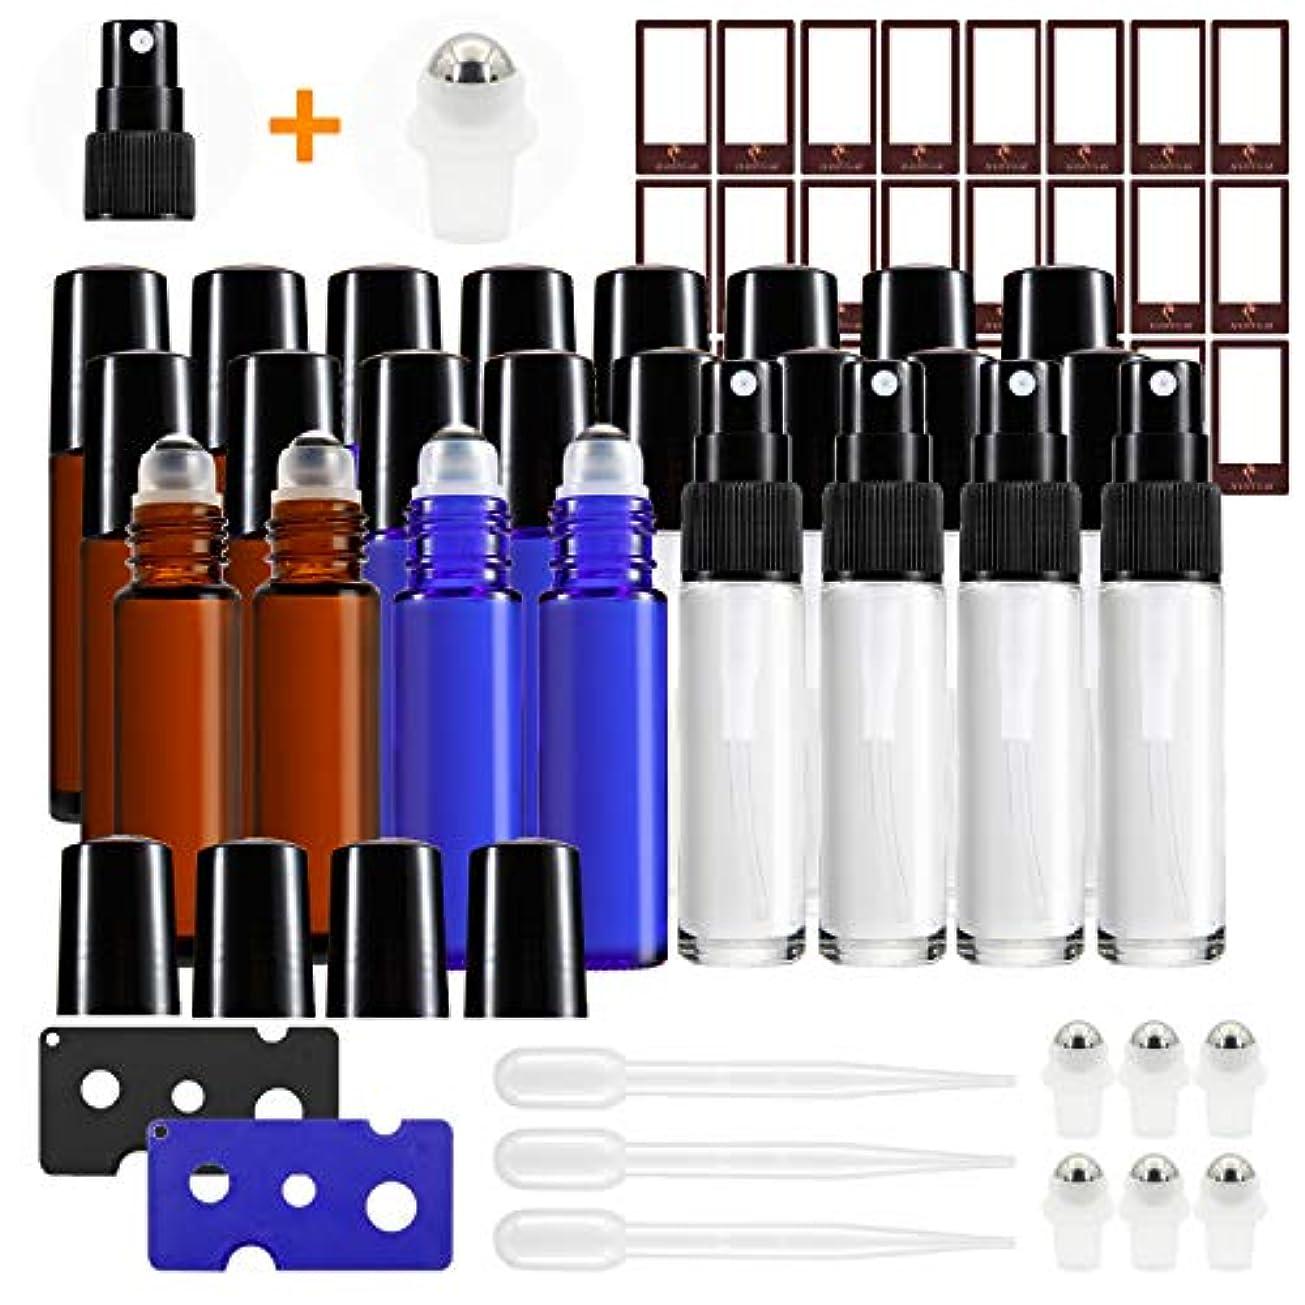 マイクロクランシーシミュレートするMASSUGAR ガラスローラーボトル、ステンレス製 ローラーボールとガラス スプレーボトルとエッセンシャルオイル 用 24パック0ミリリットル ローラーボトル 1 1